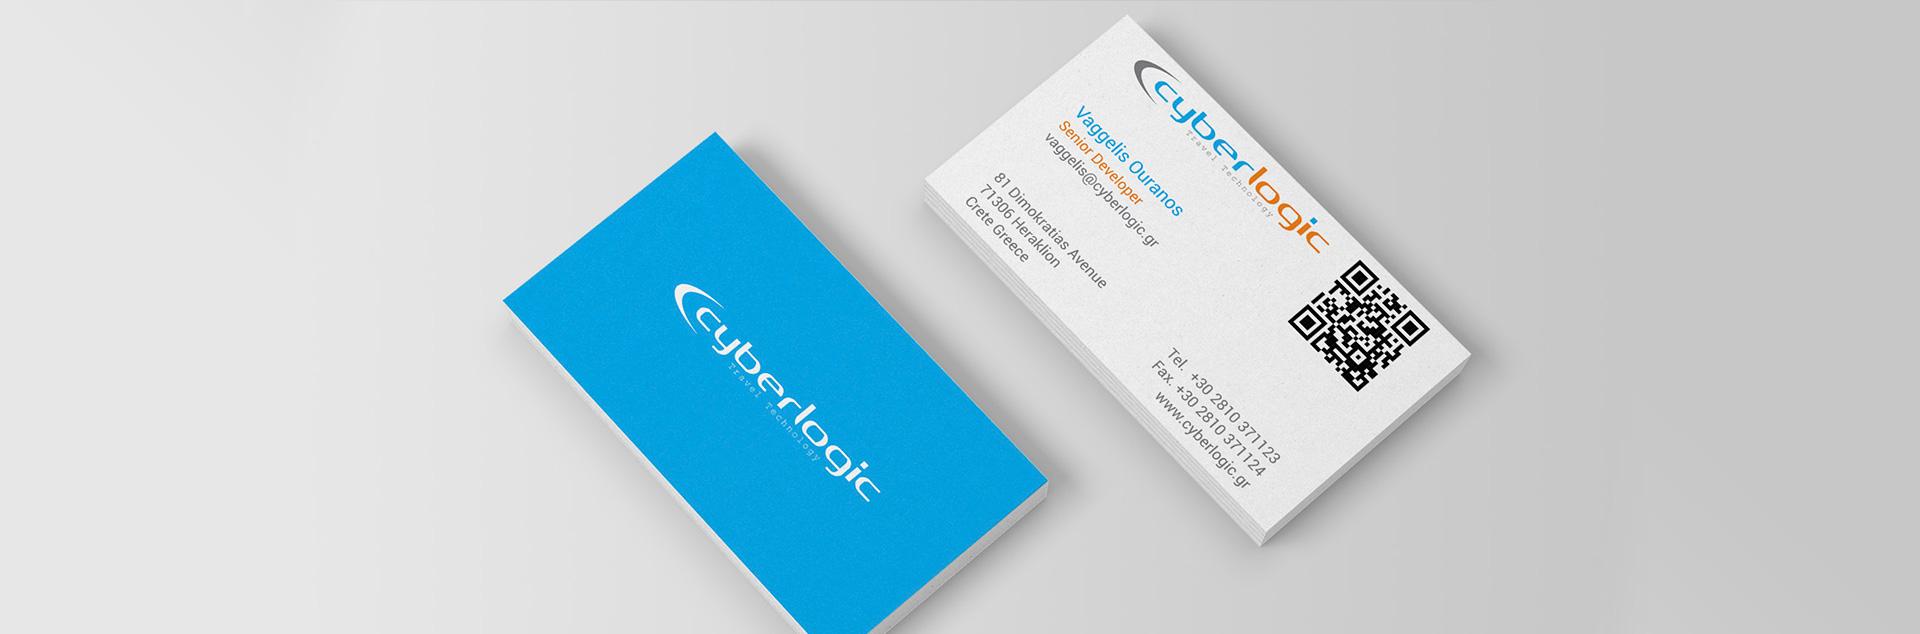 cyberlogic cards